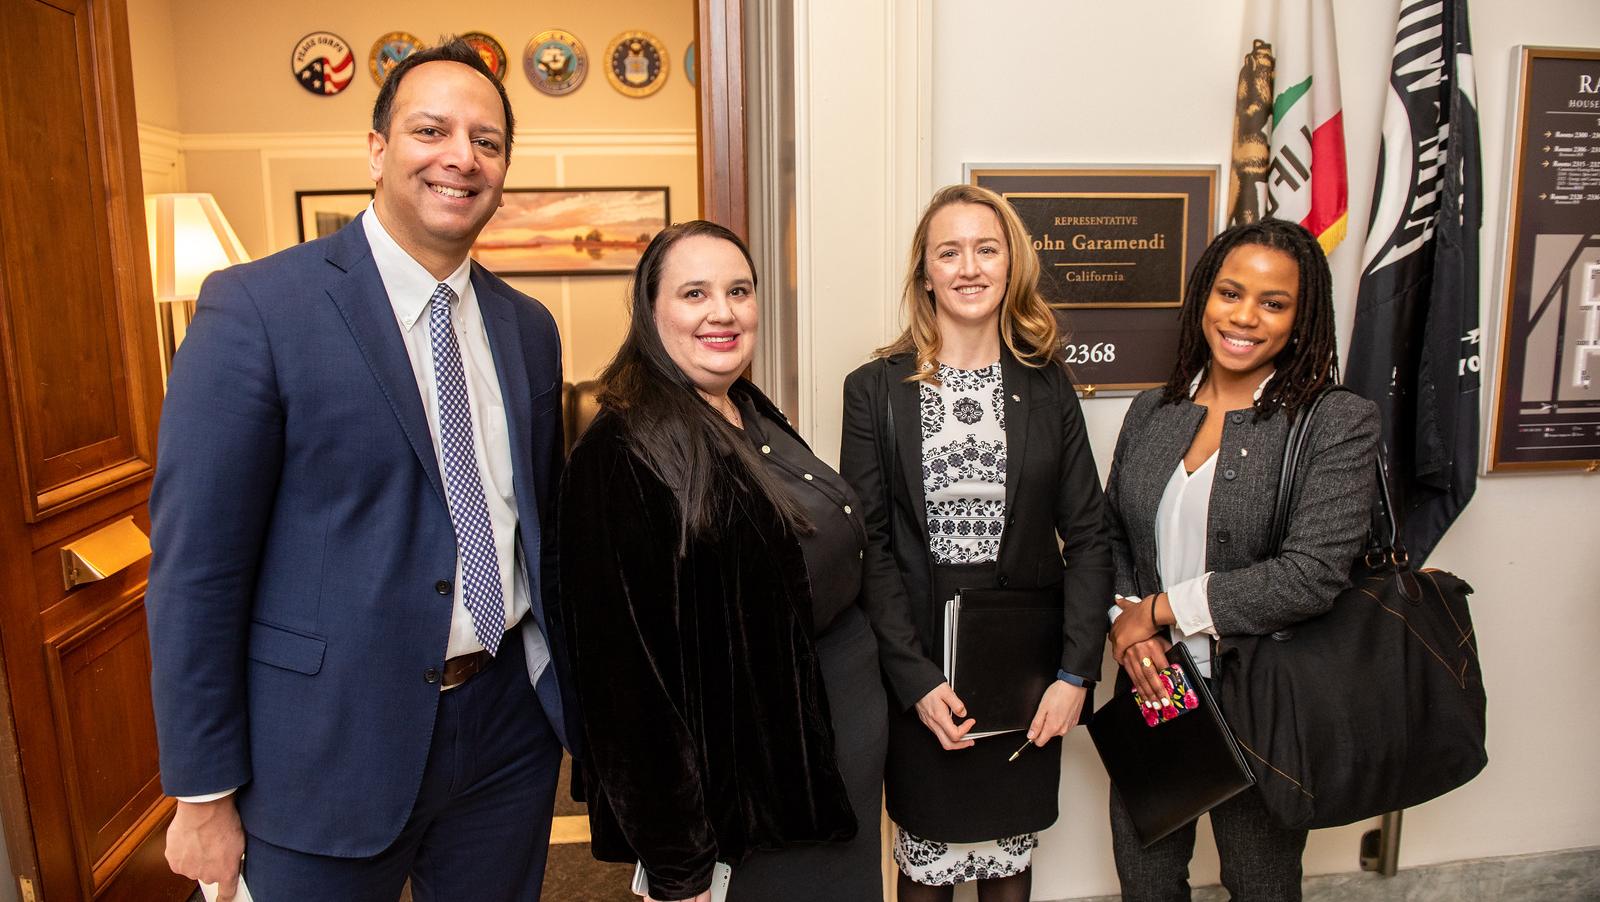 Karun Singh (CAN-ACN), Sasha Luks-Morgan (University of Utah) and 2019 ECPAs Karen Jones and Enitan Marcelle meet with SfN Advocates and Coalition Partners outside Rep. John Garamendi's (CA) office.